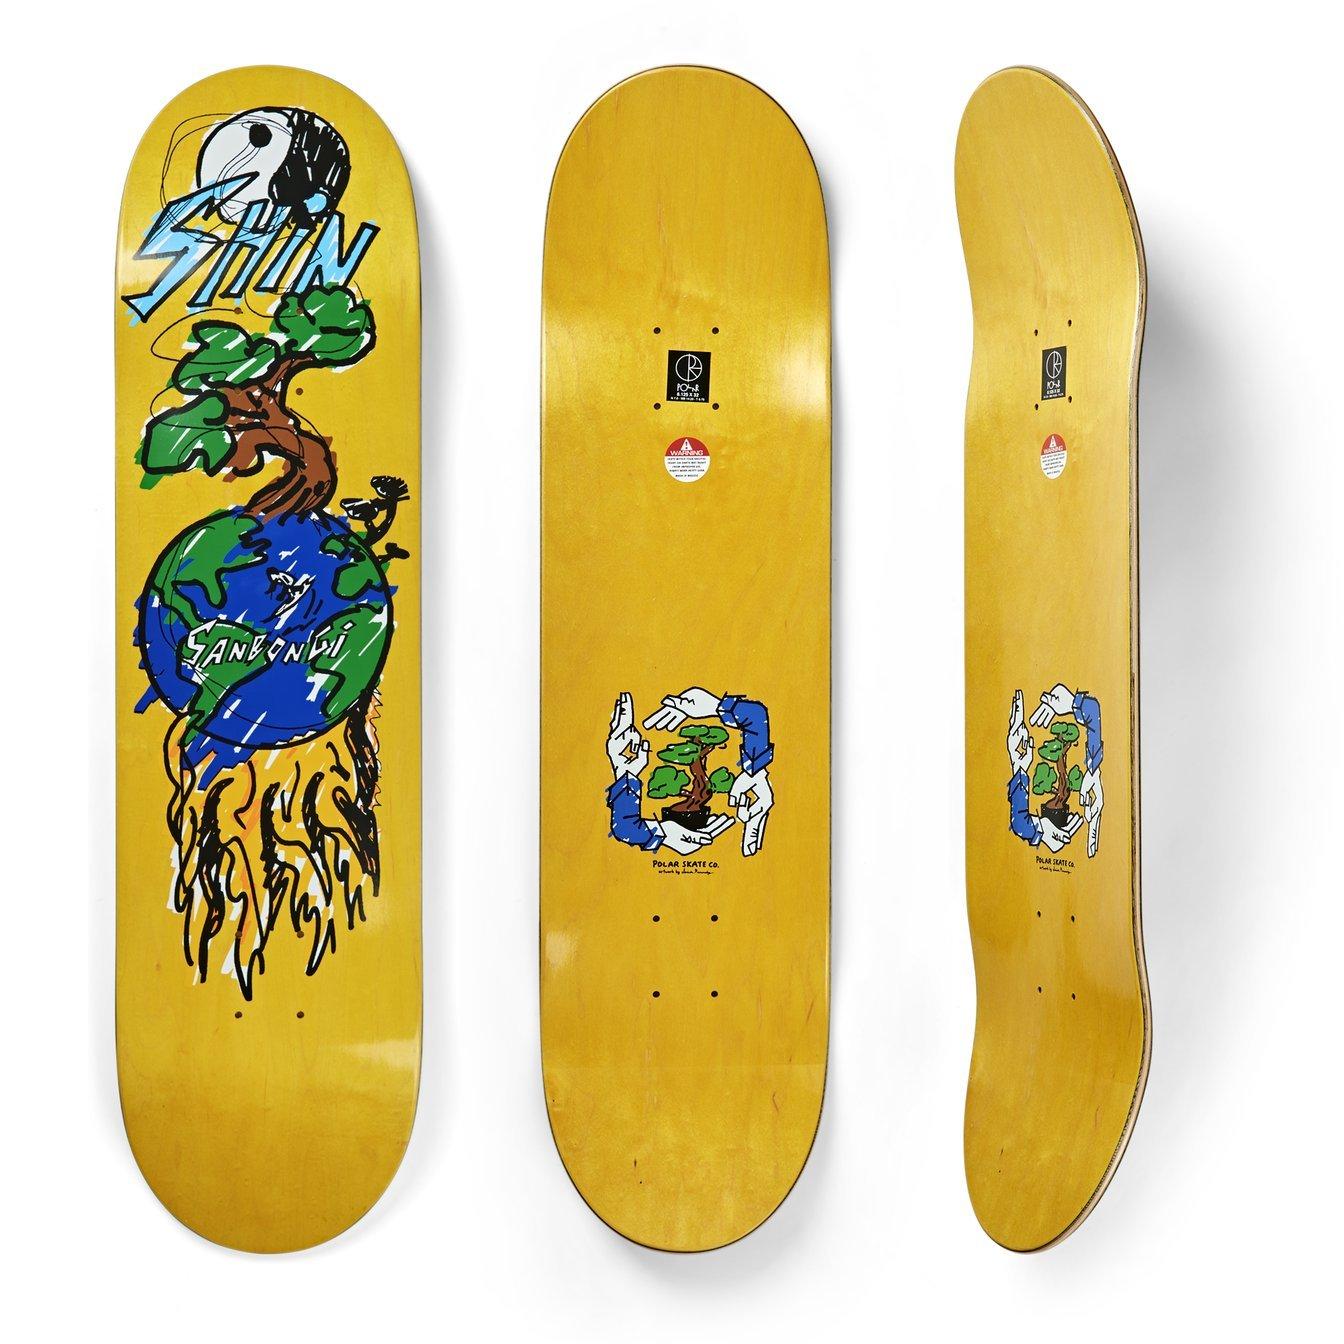 shin sanbongi deck polar skate co bonzai ride